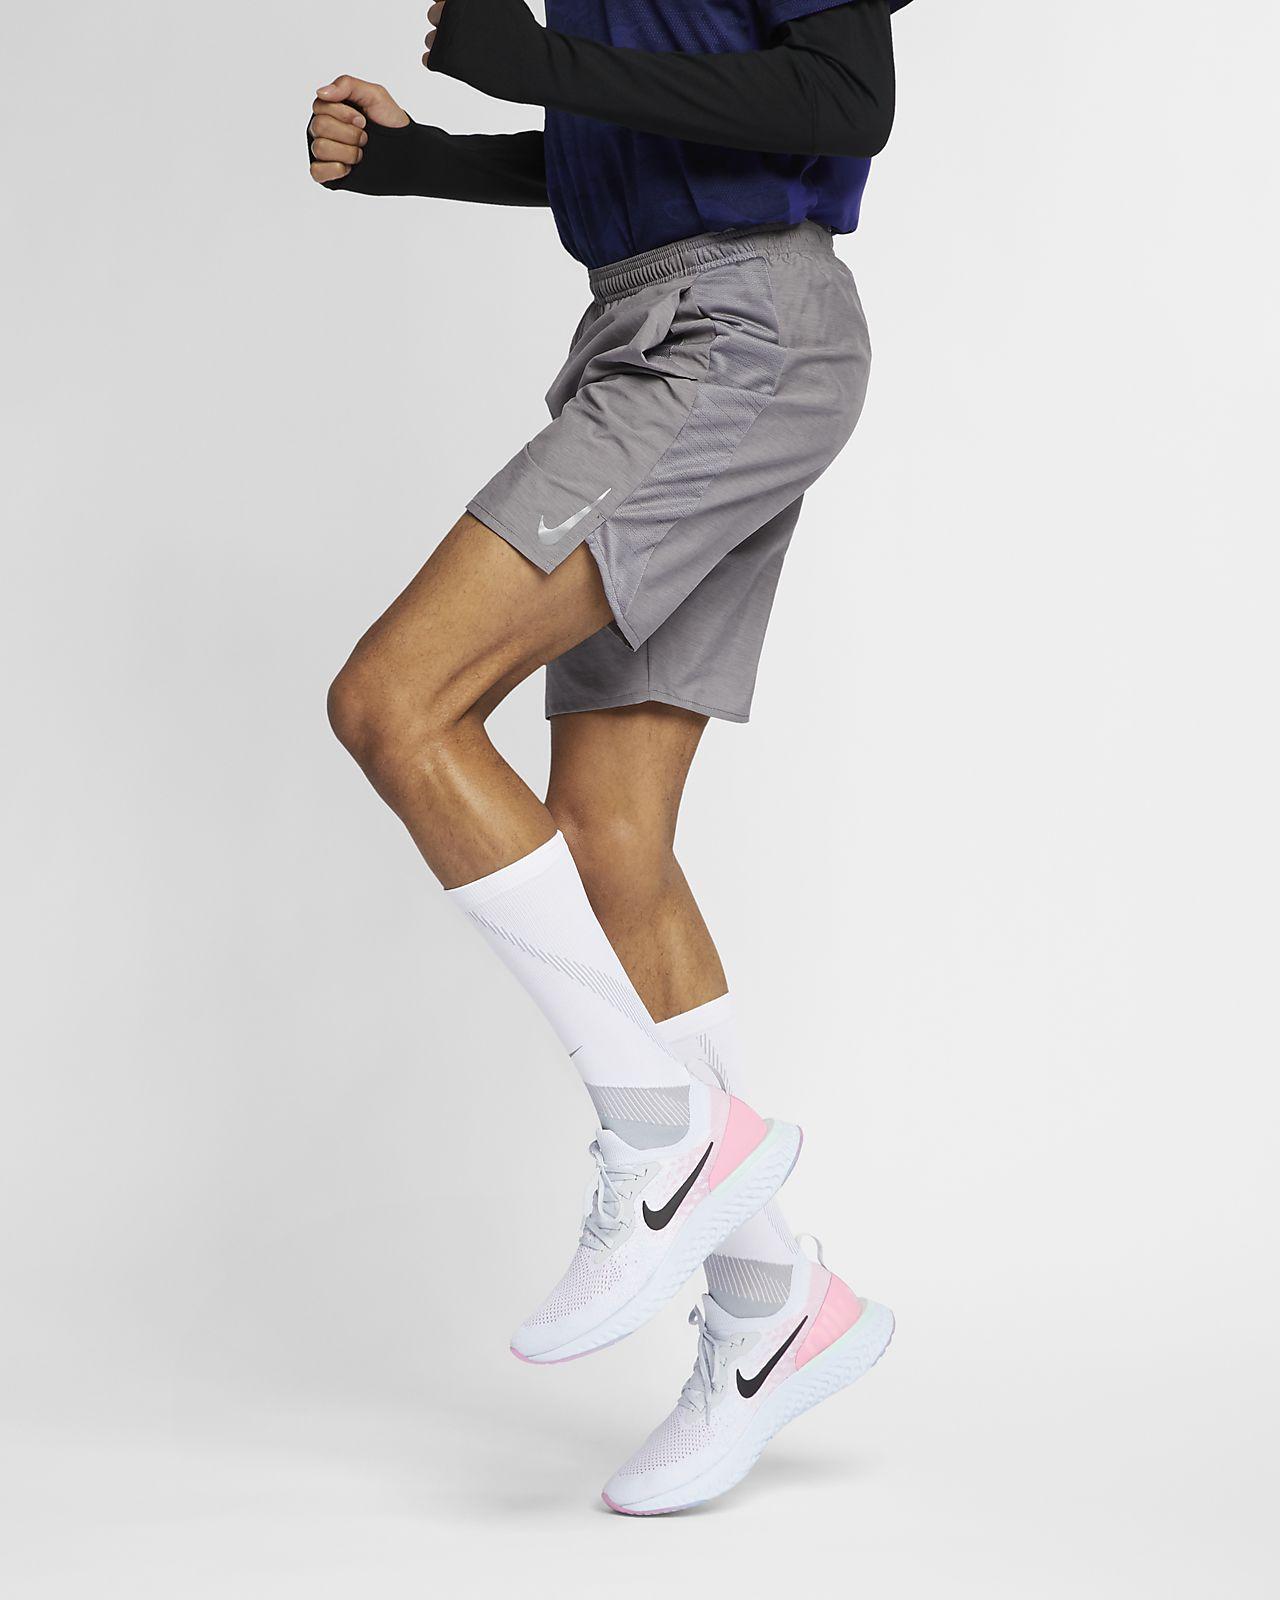 Ανδρικό σορτς για τρέξιμο με επένδυση εσωτερικού σορτς Nike Challenger 23 cm